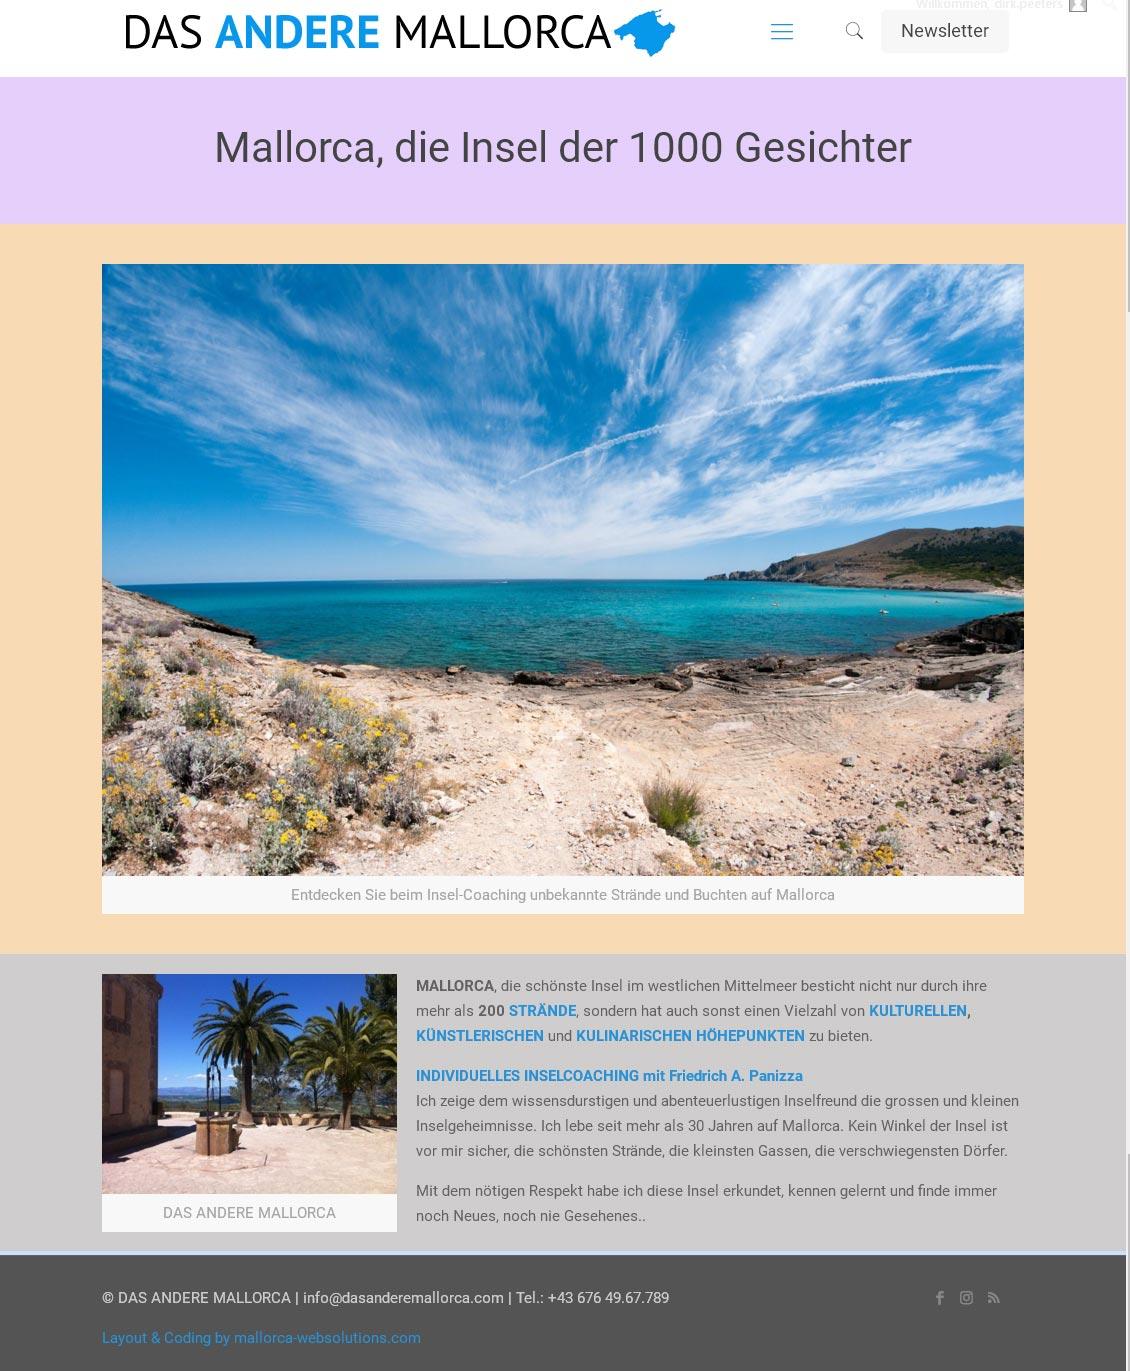 Das Andere Mallorca